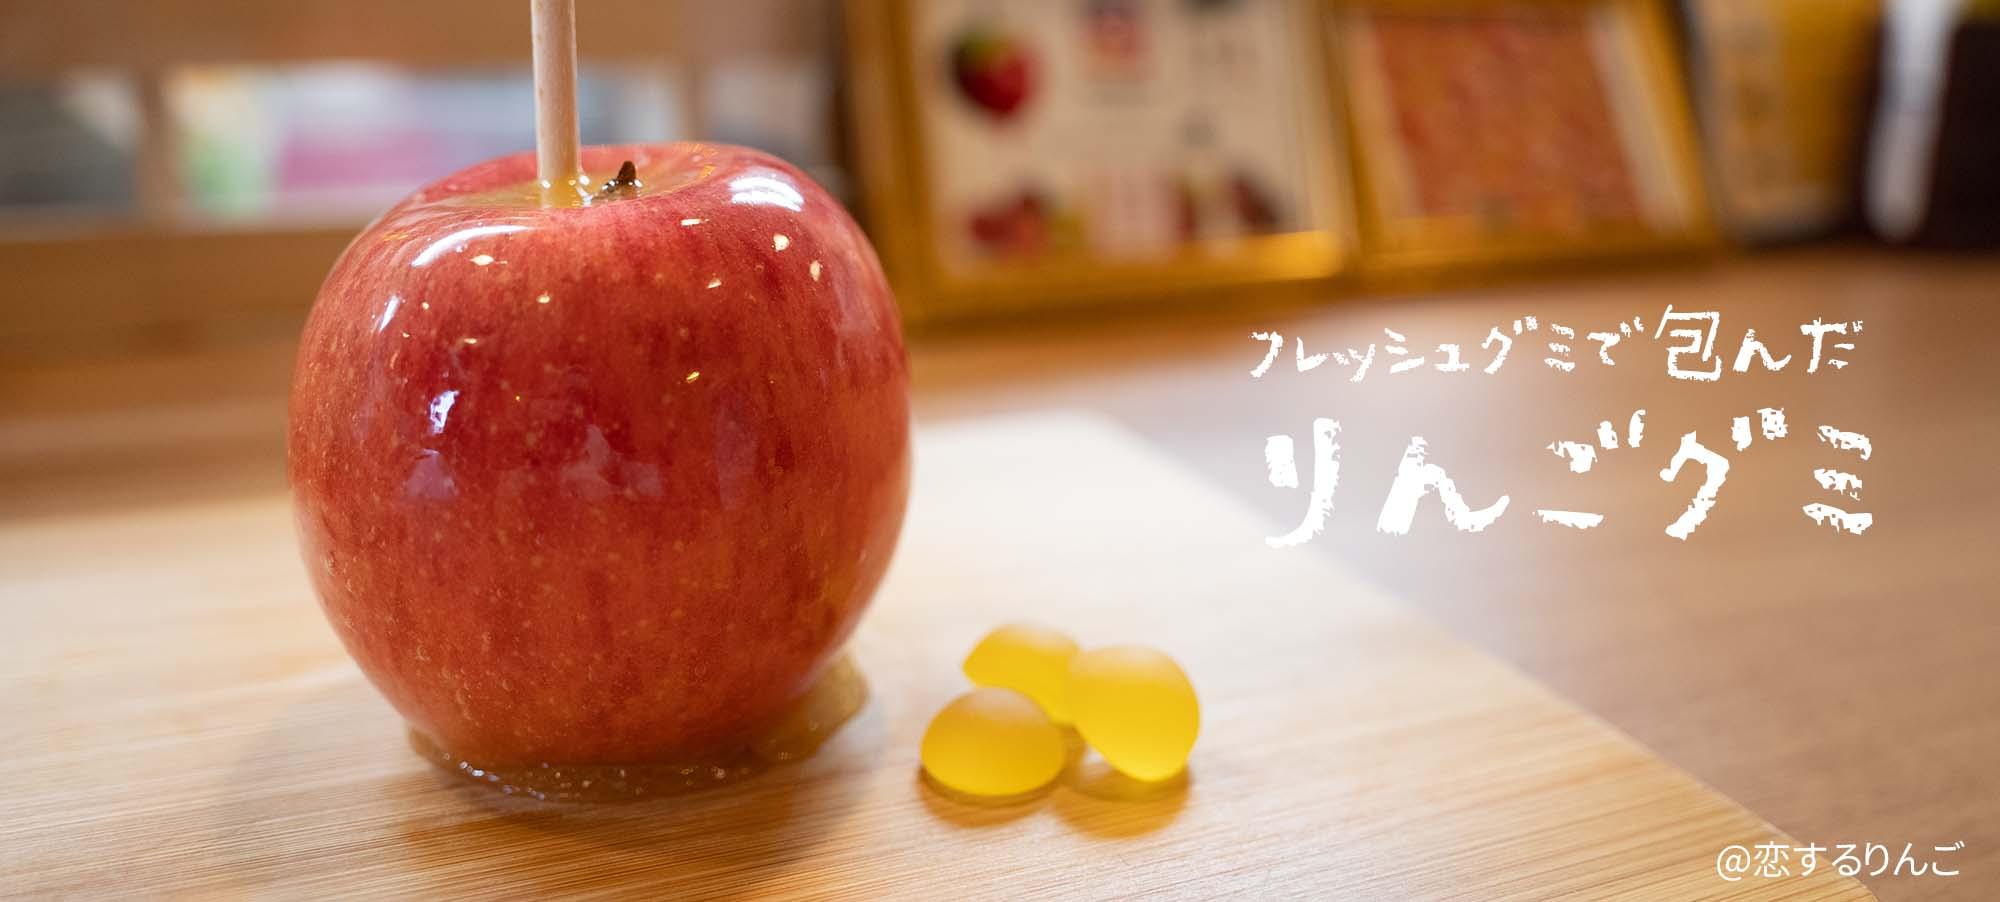 りんごグミ